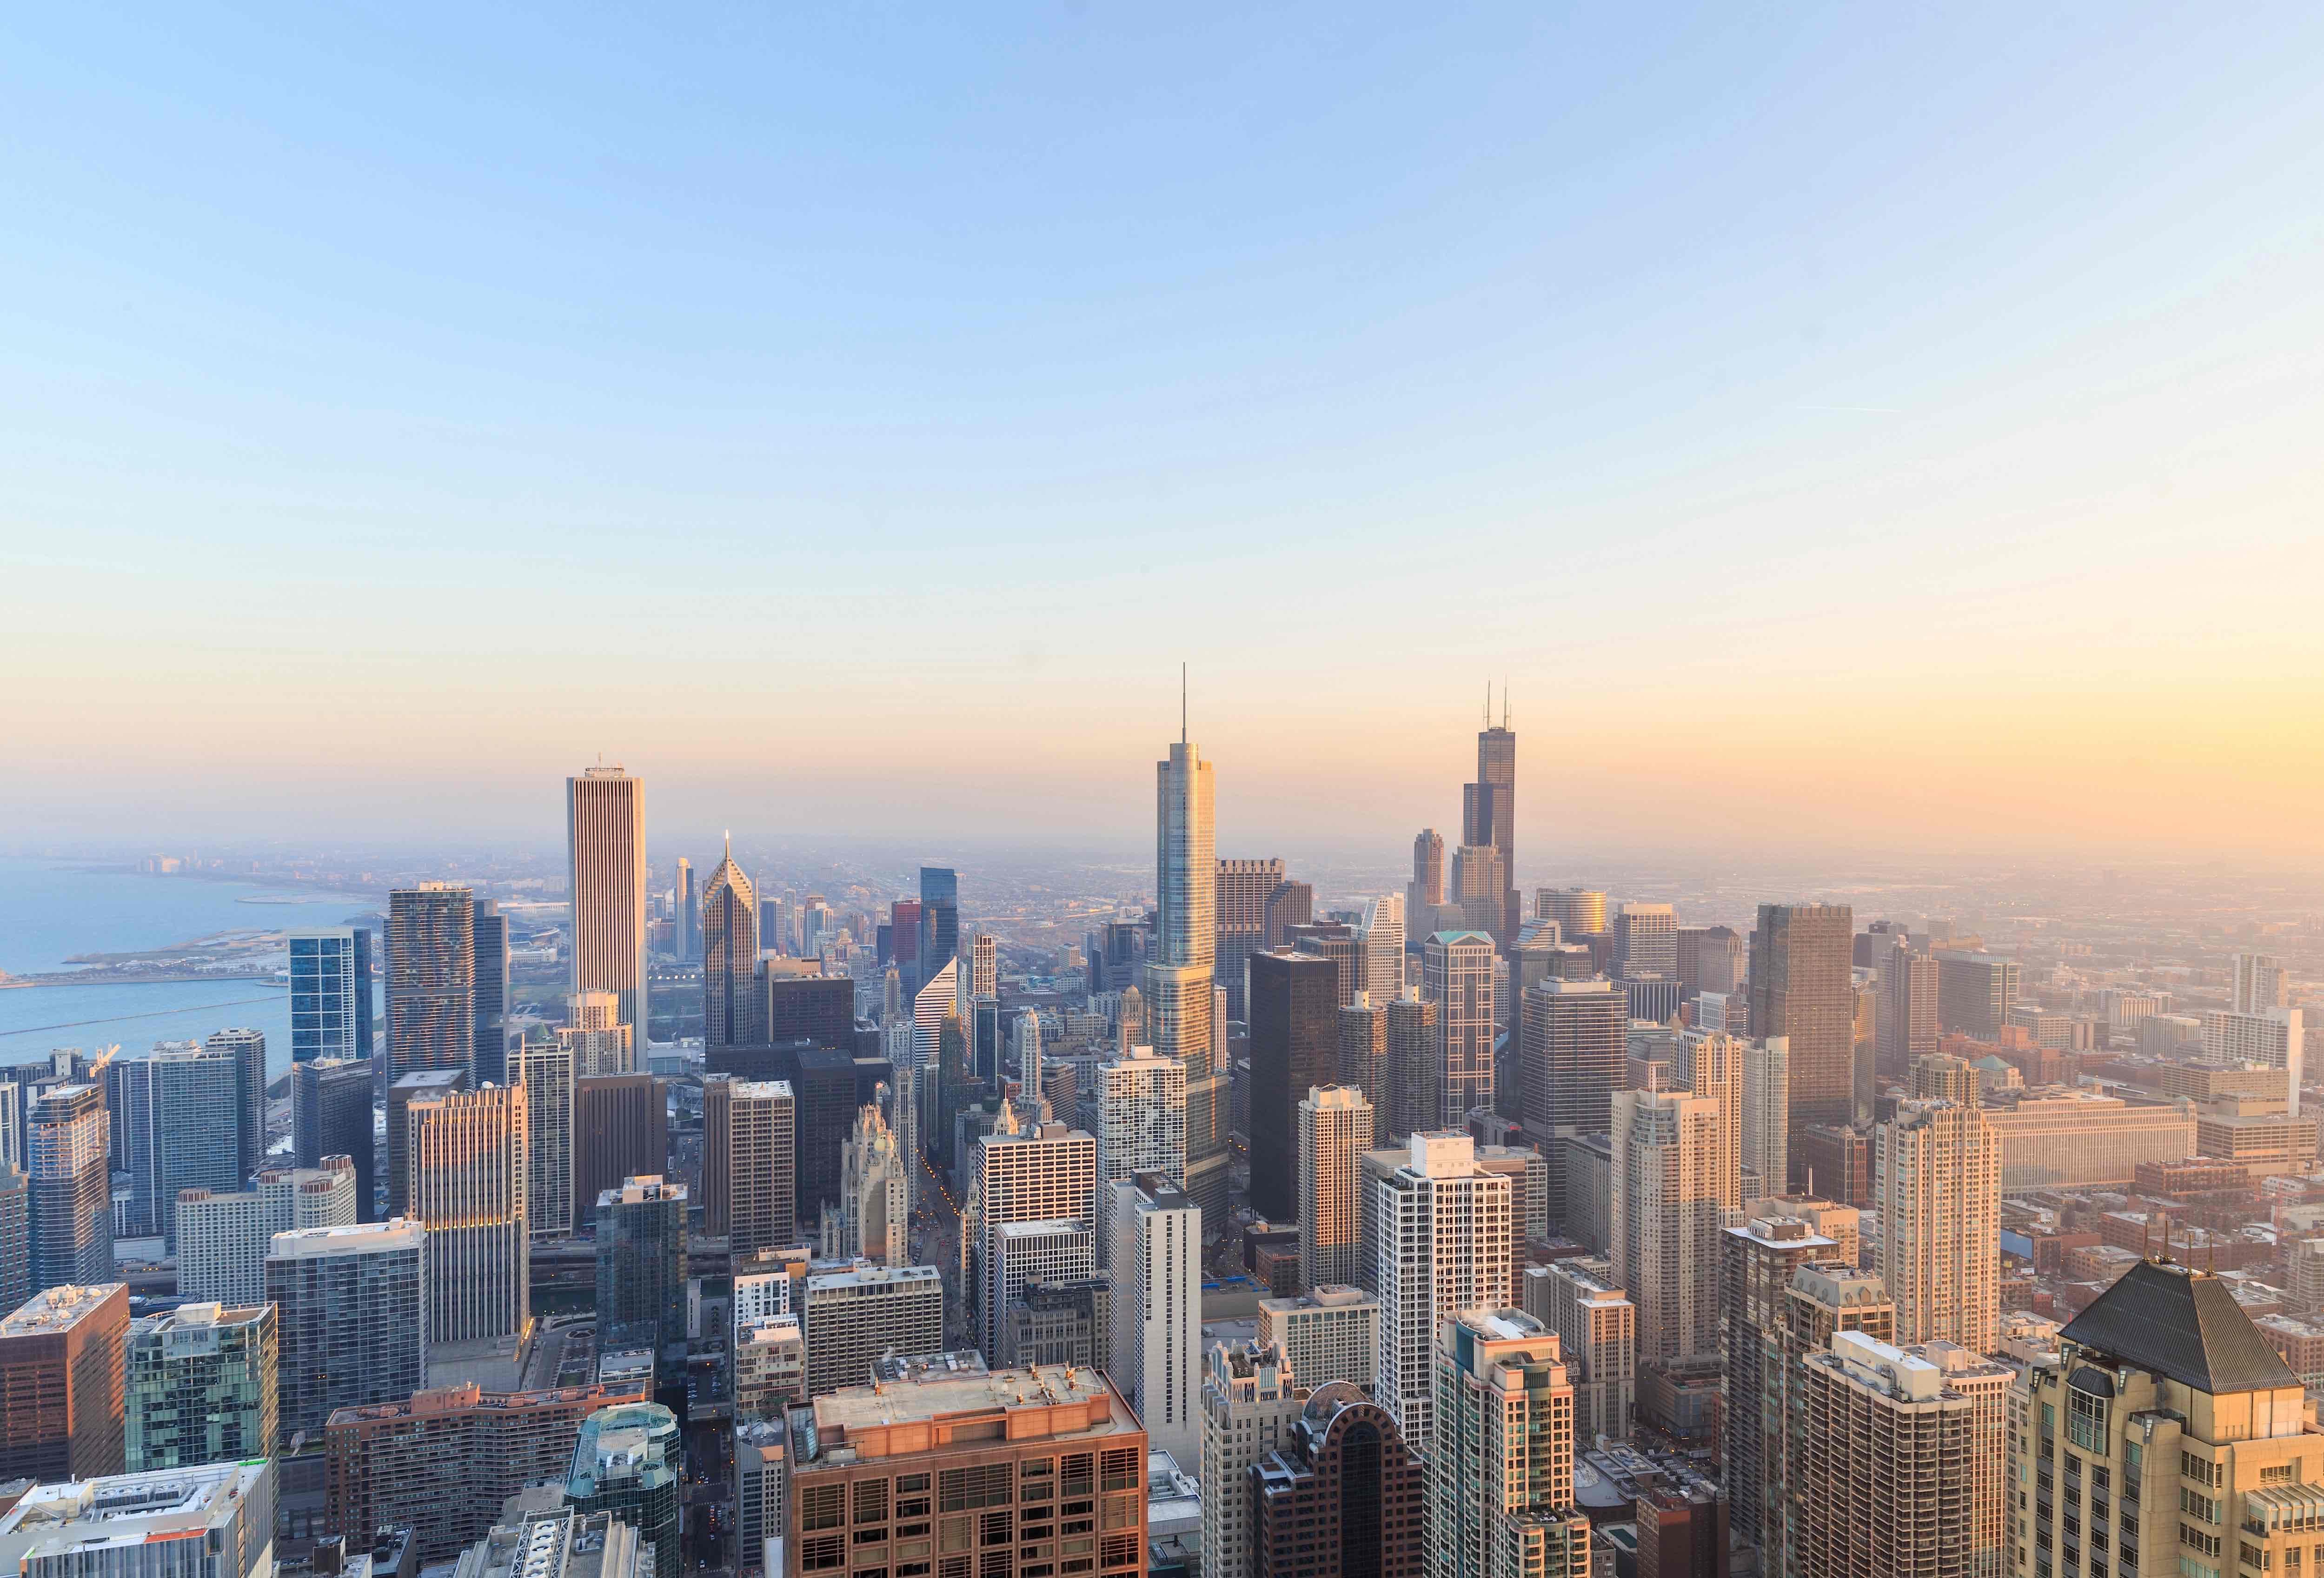 Chicago's most popular neighborhoods